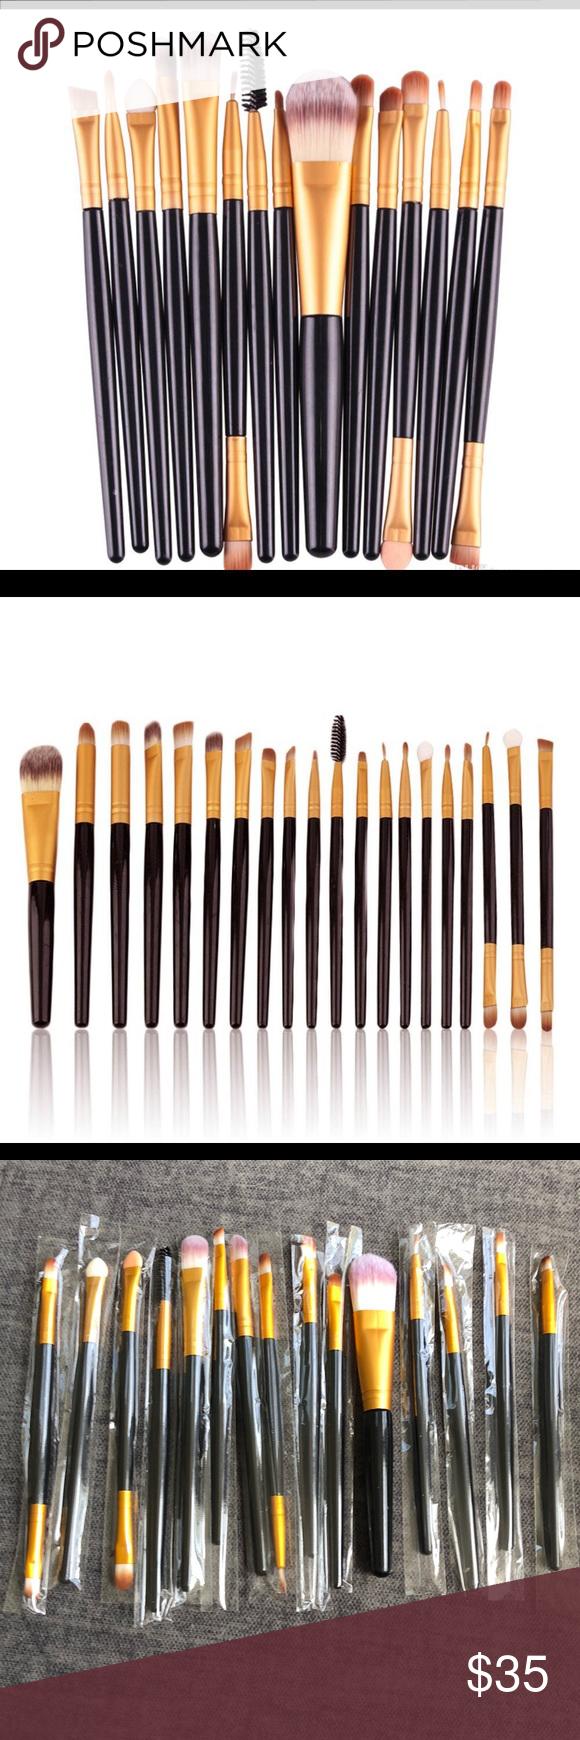 Photo of Premium 15-teiliges Schminkpinsel-Set 15-teiliges hochwertiges Pinsel-Set Schwar…